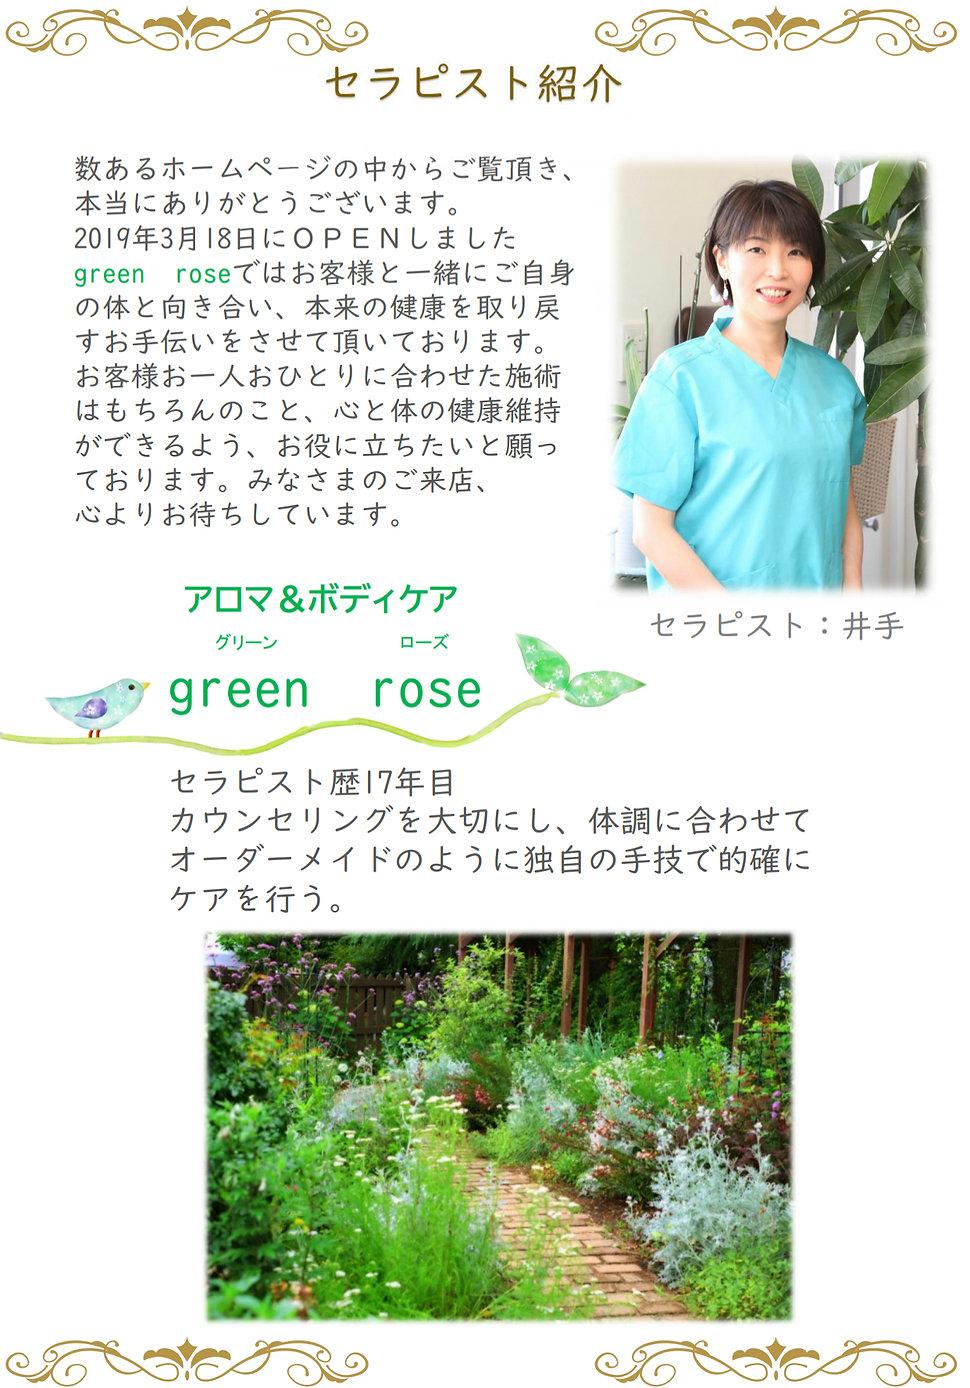 greenrose12 (1).jpg